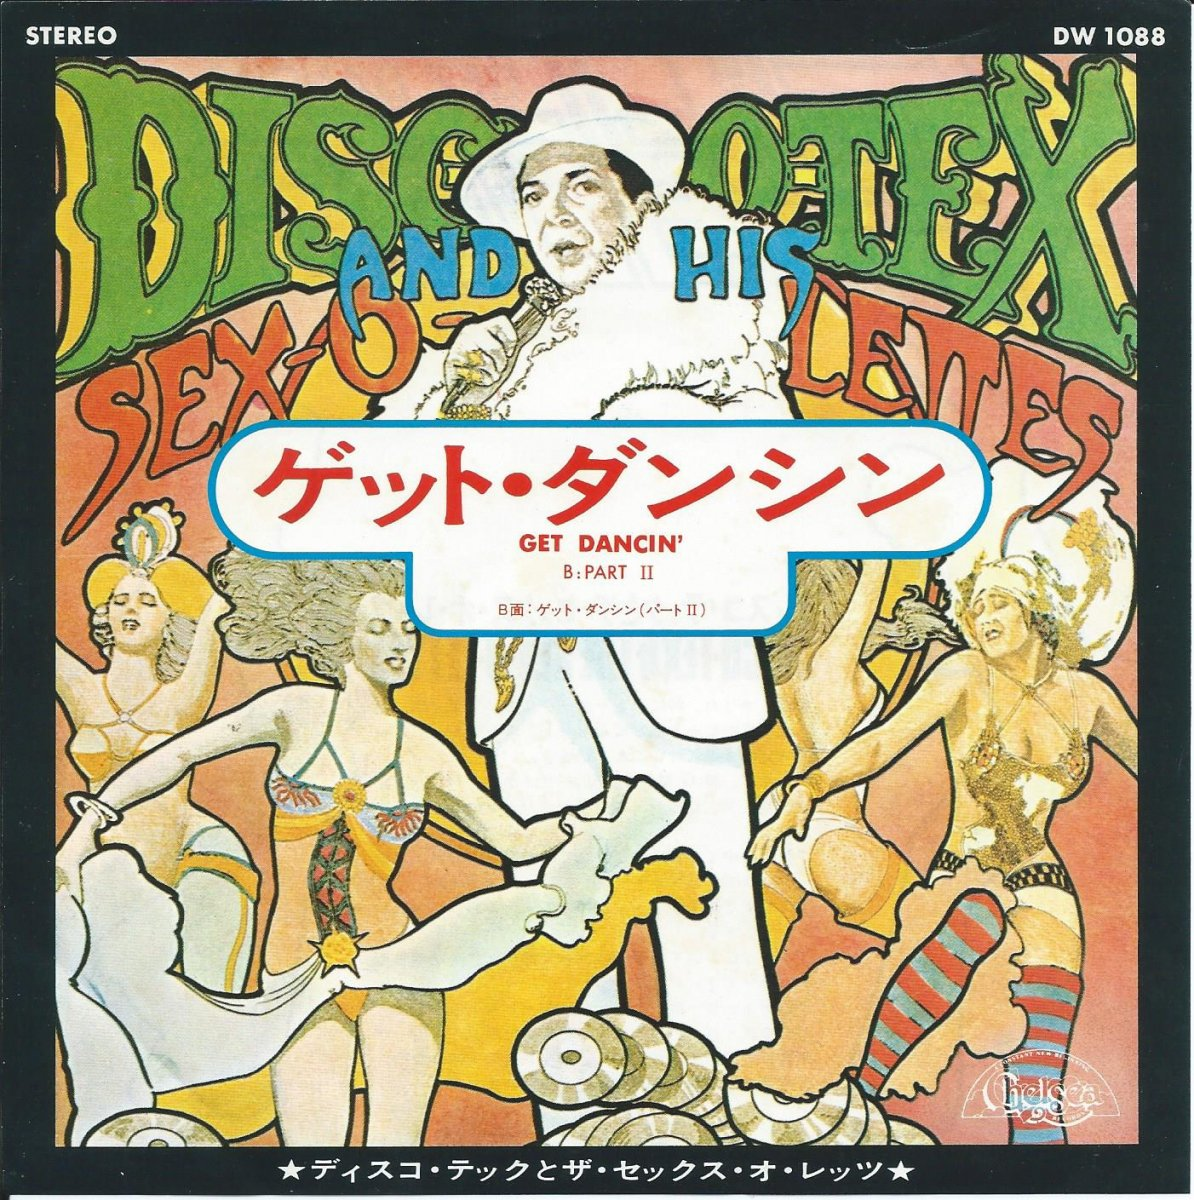 ディスコ・テックとザ・セックス・オ・レッツ / ゲット・ダンシン GET DANCIN' (7